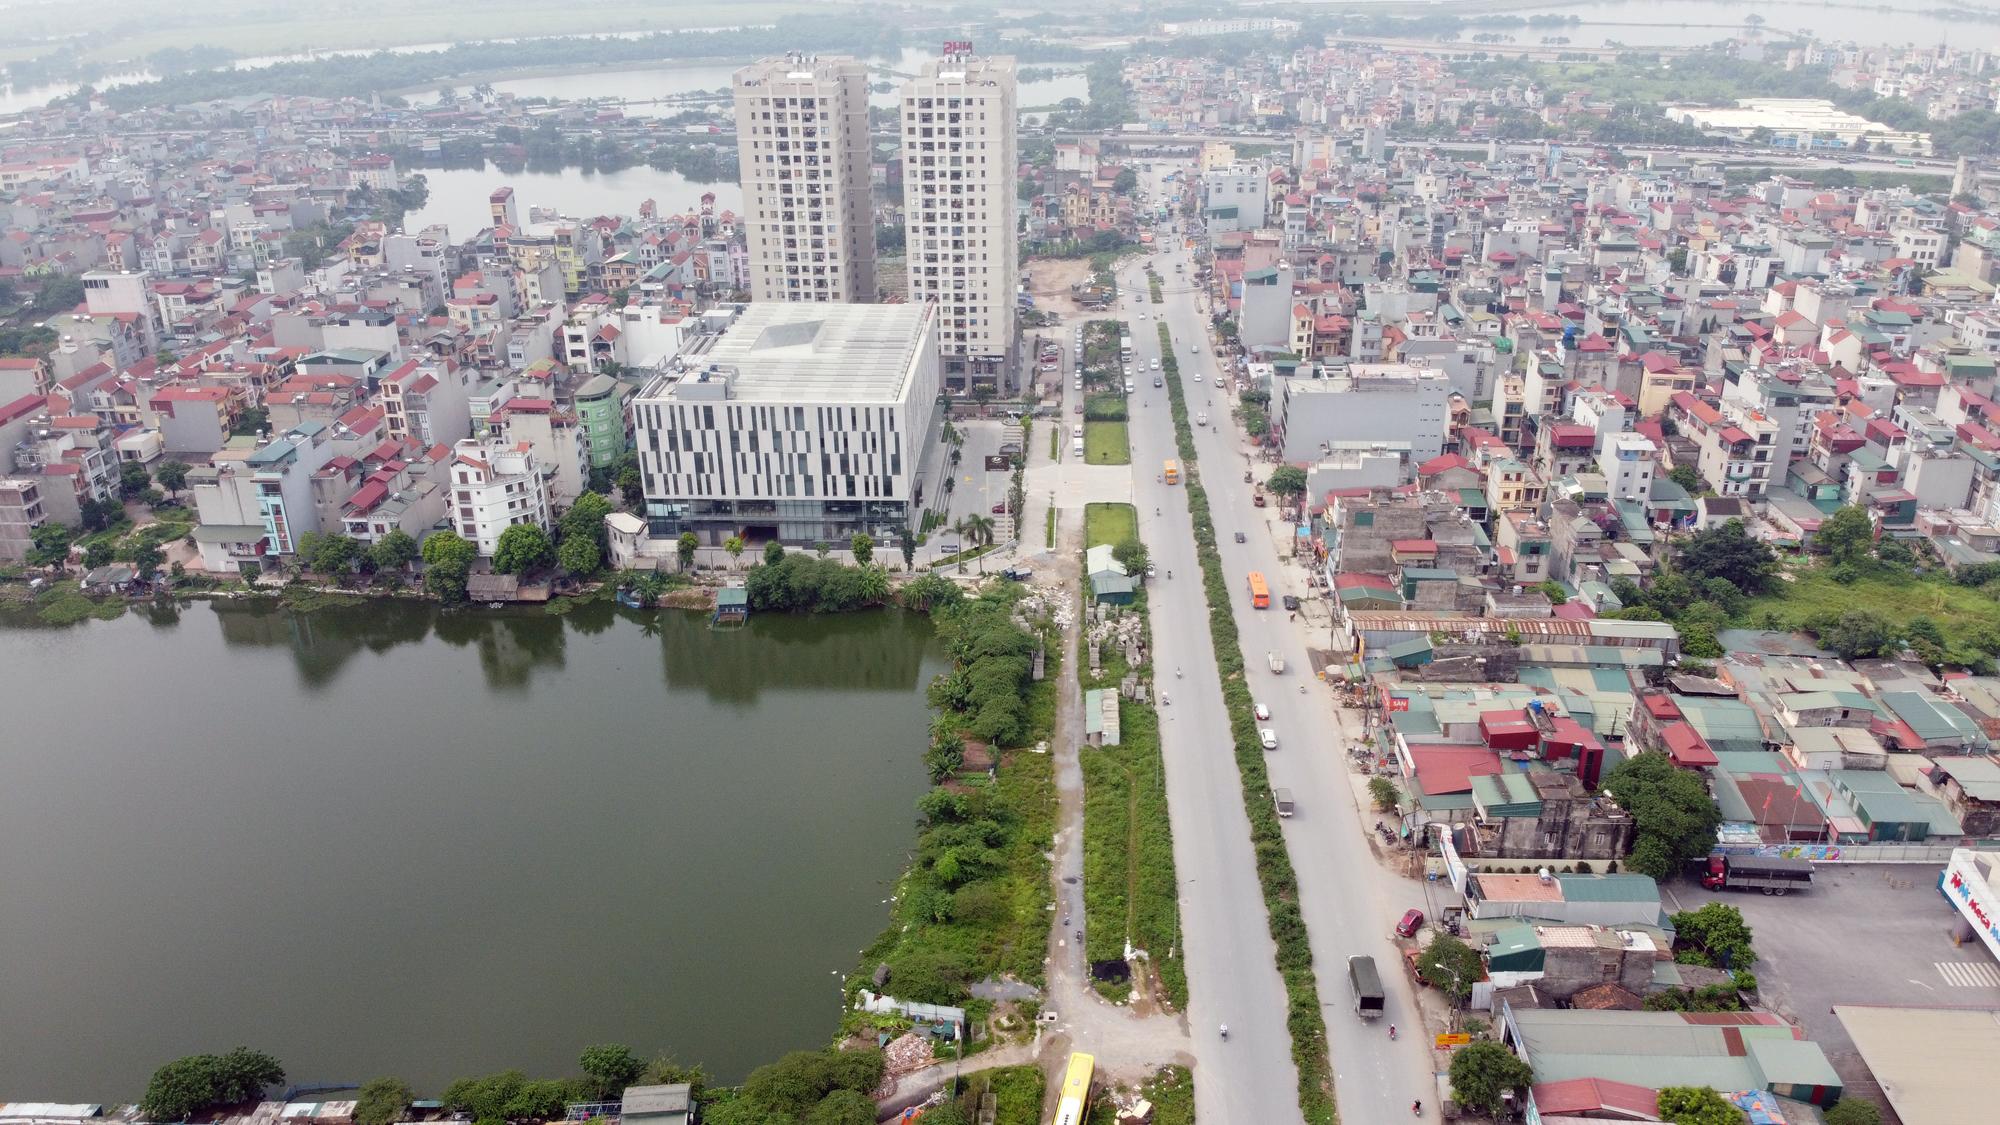 Dự án mở rộng đường Tam Trinh hơn 2.000 tỉ đồng sau 4 năm mới làm được vài trăm mét - Ảnh 4.